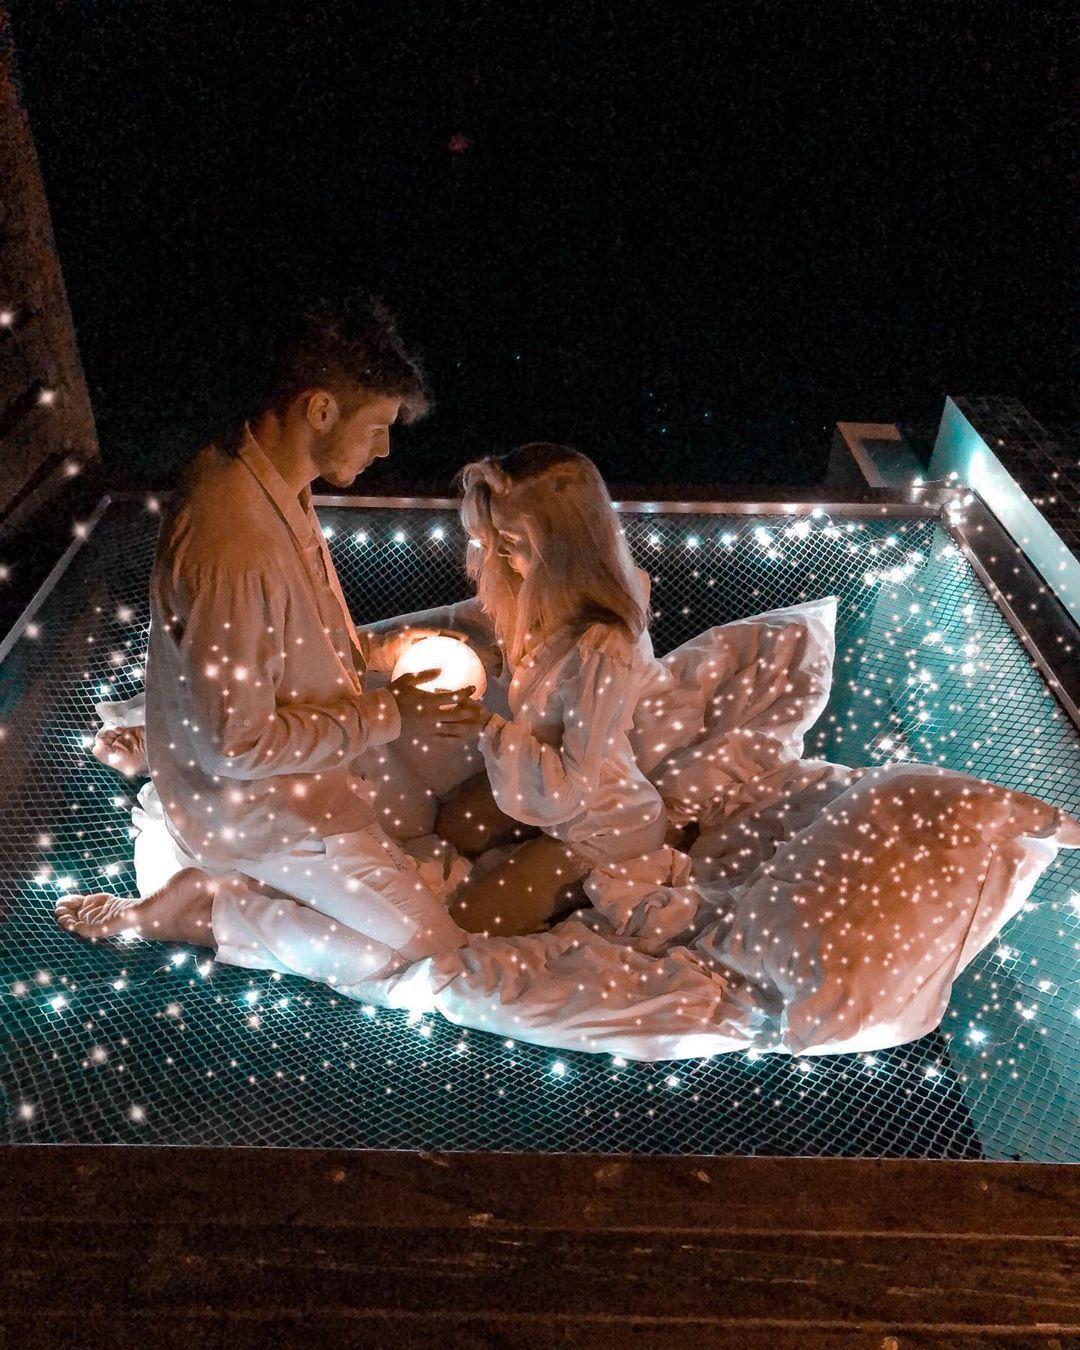 Sensasi Keindahan Resort dengan Beratapkan Bintang di Atasnya